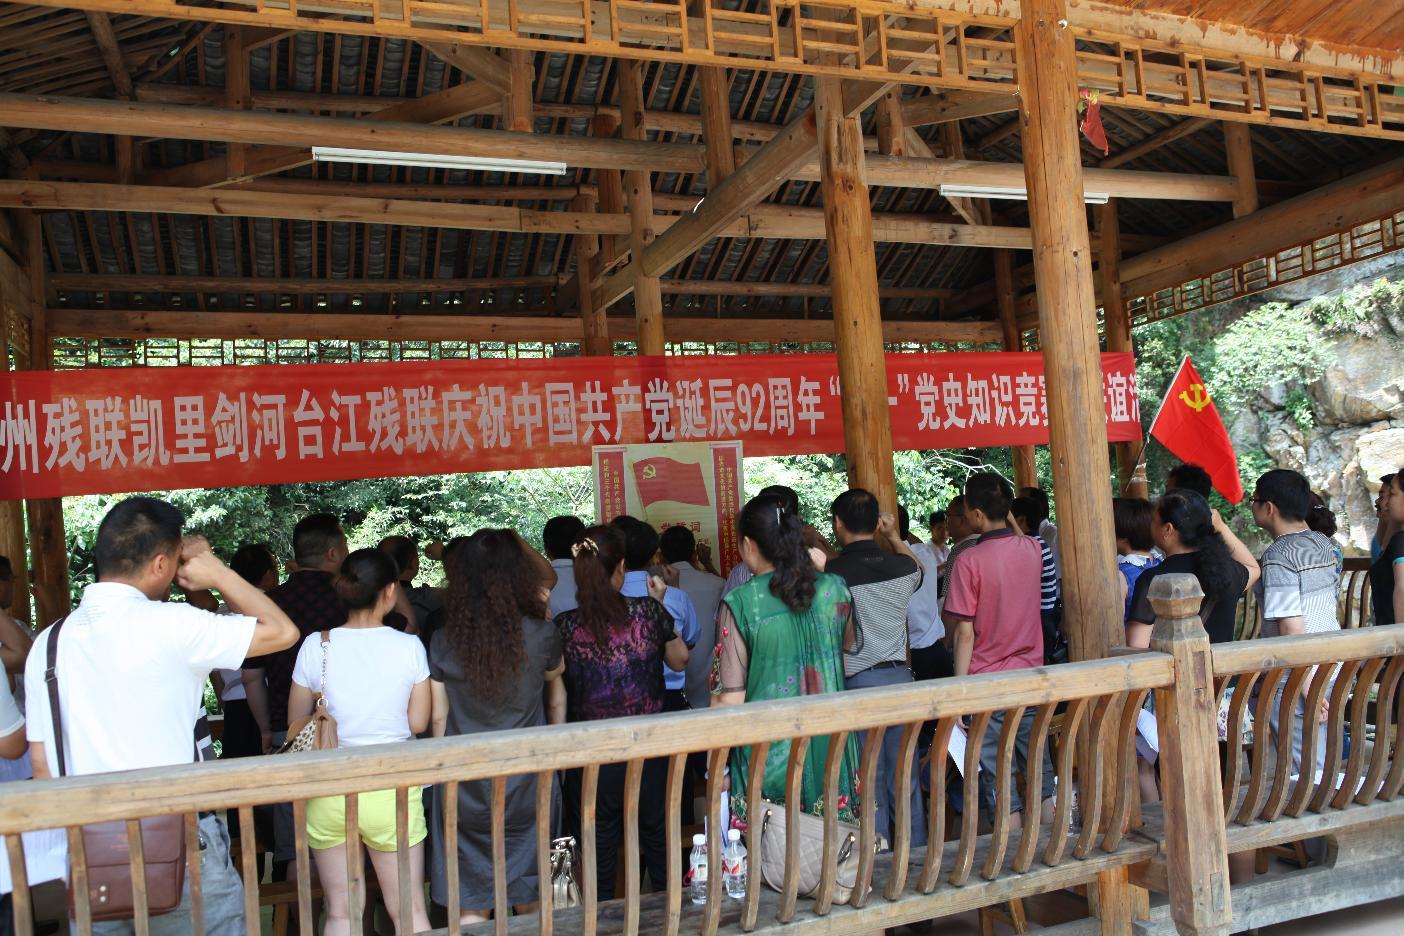 州残联、凯里市残联、剑河县残联、台江县残联四家单位在台江联合举行建党92周年庆祝活动